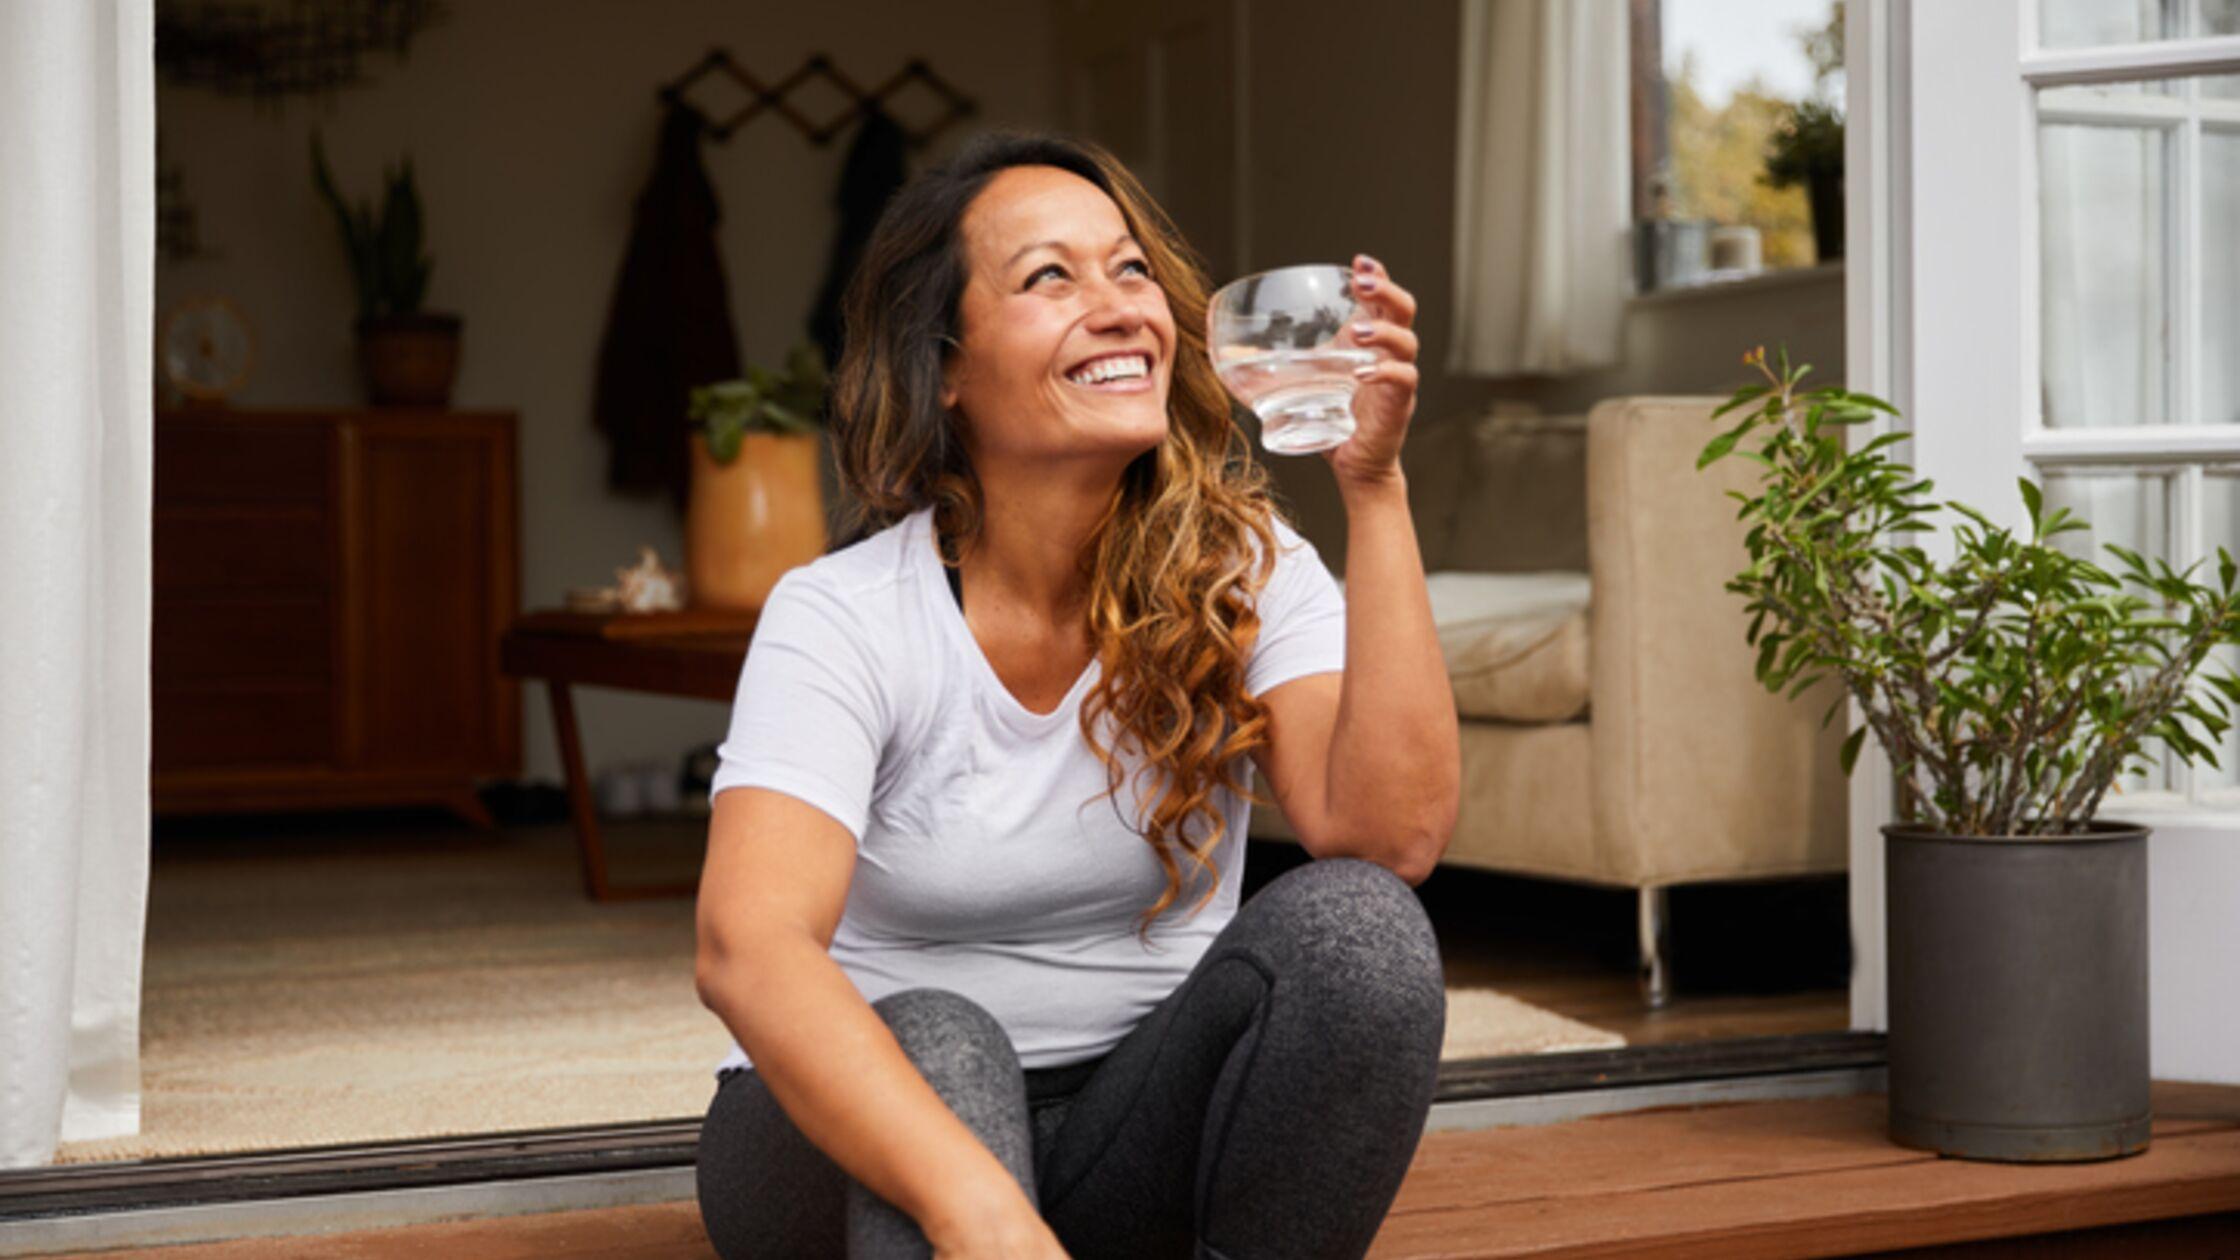 Lächelnde Frau trinkt Wasser